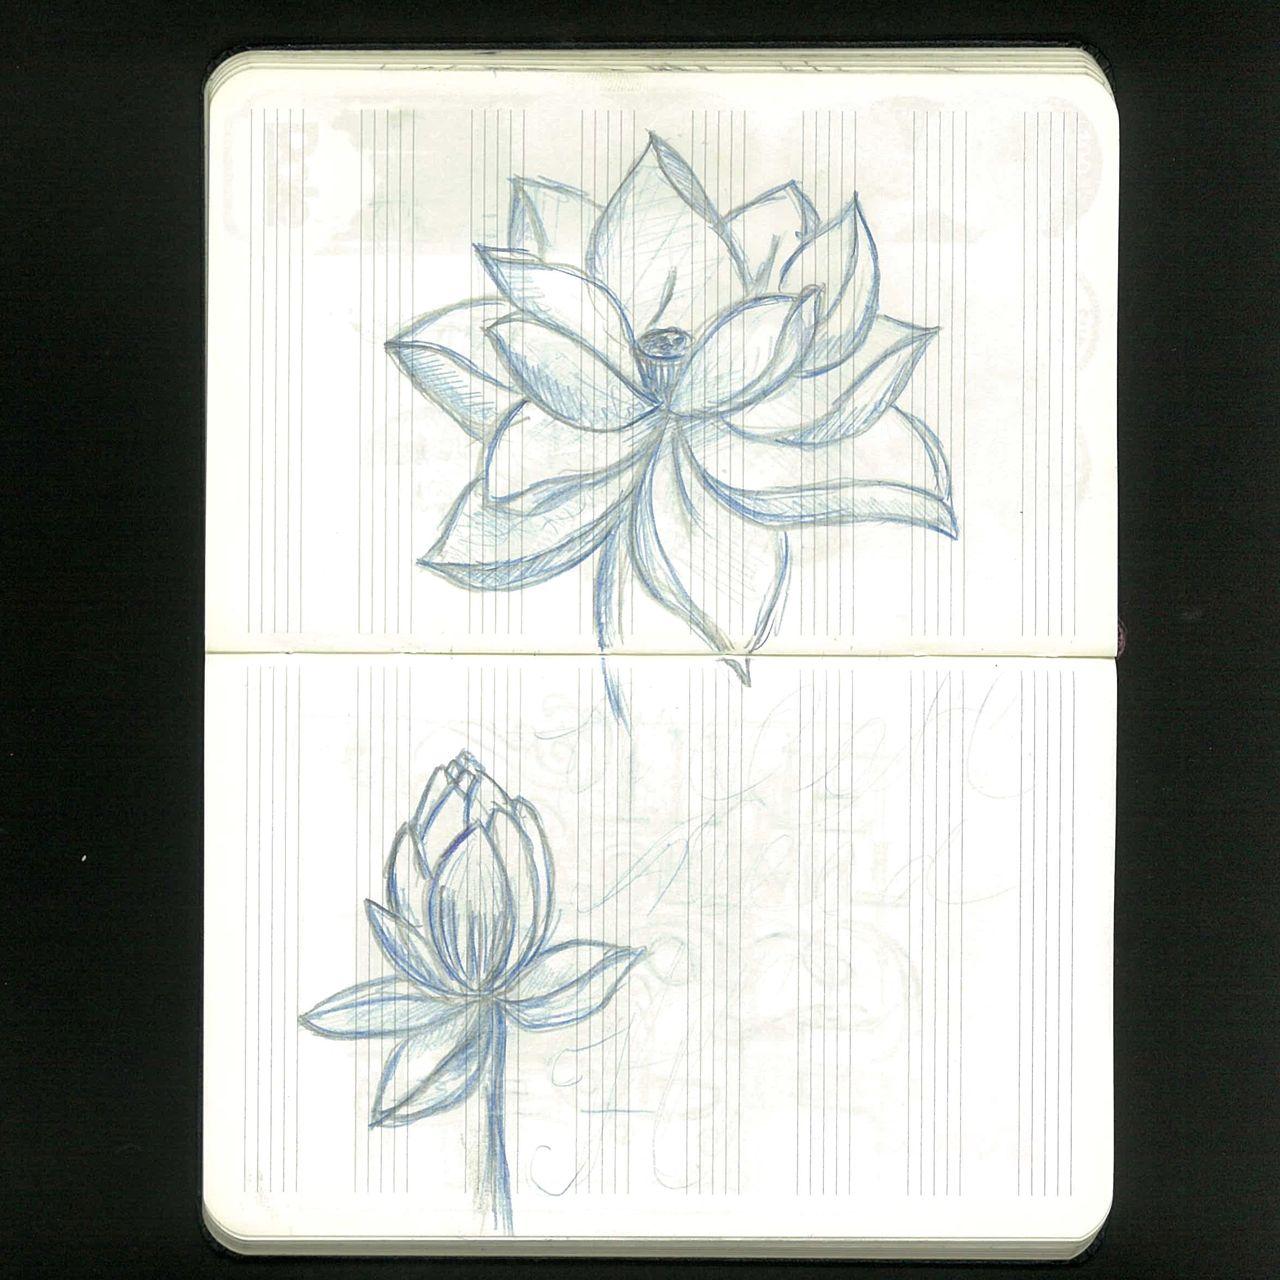 art sketchbk apr-0013.jpg